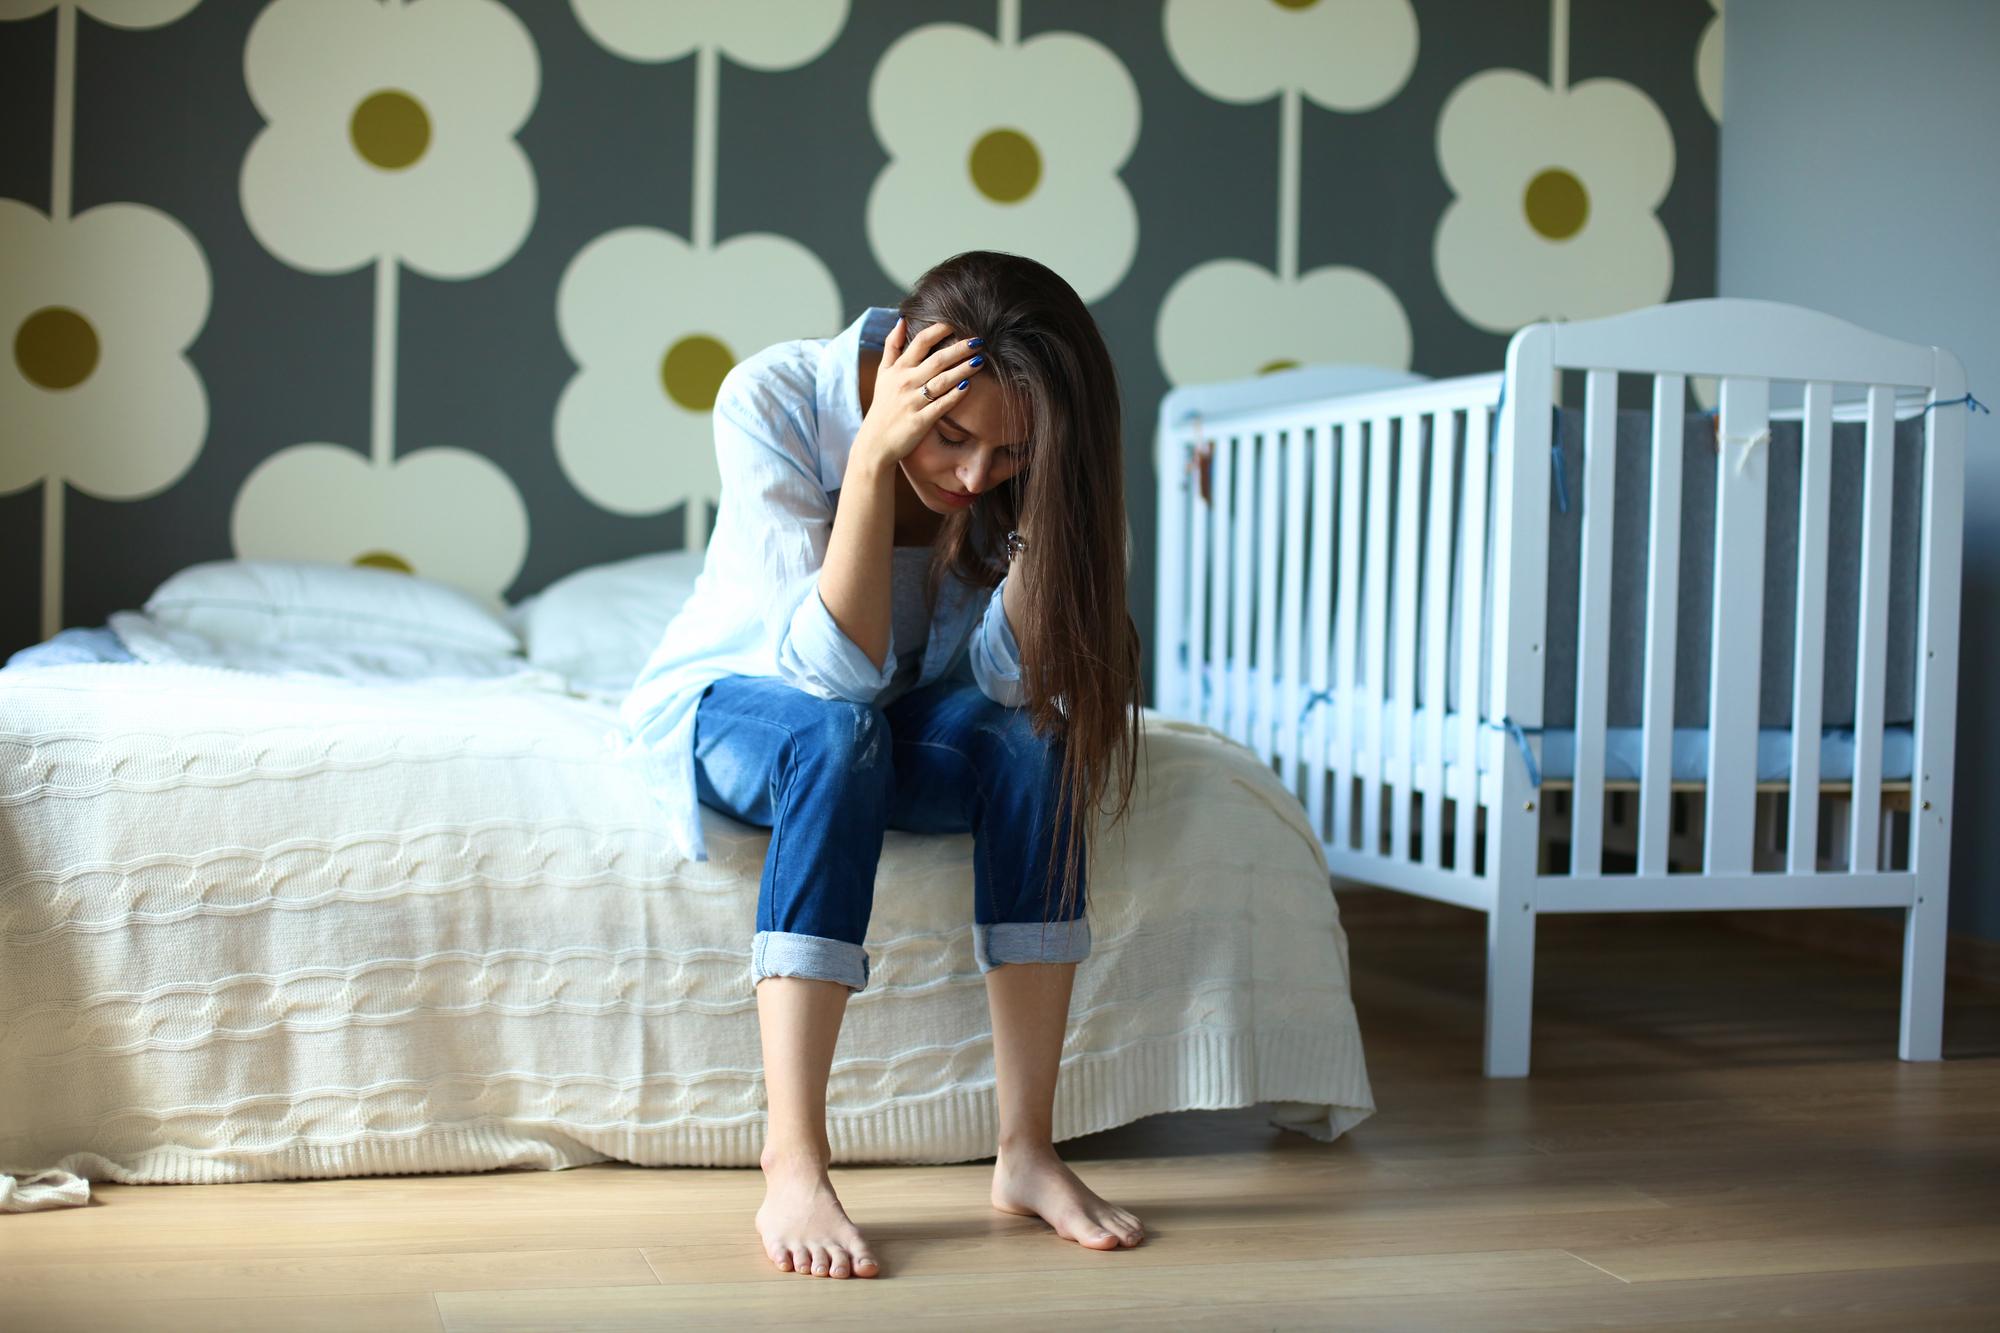 Послеродовая депрессия симптомы и признаки